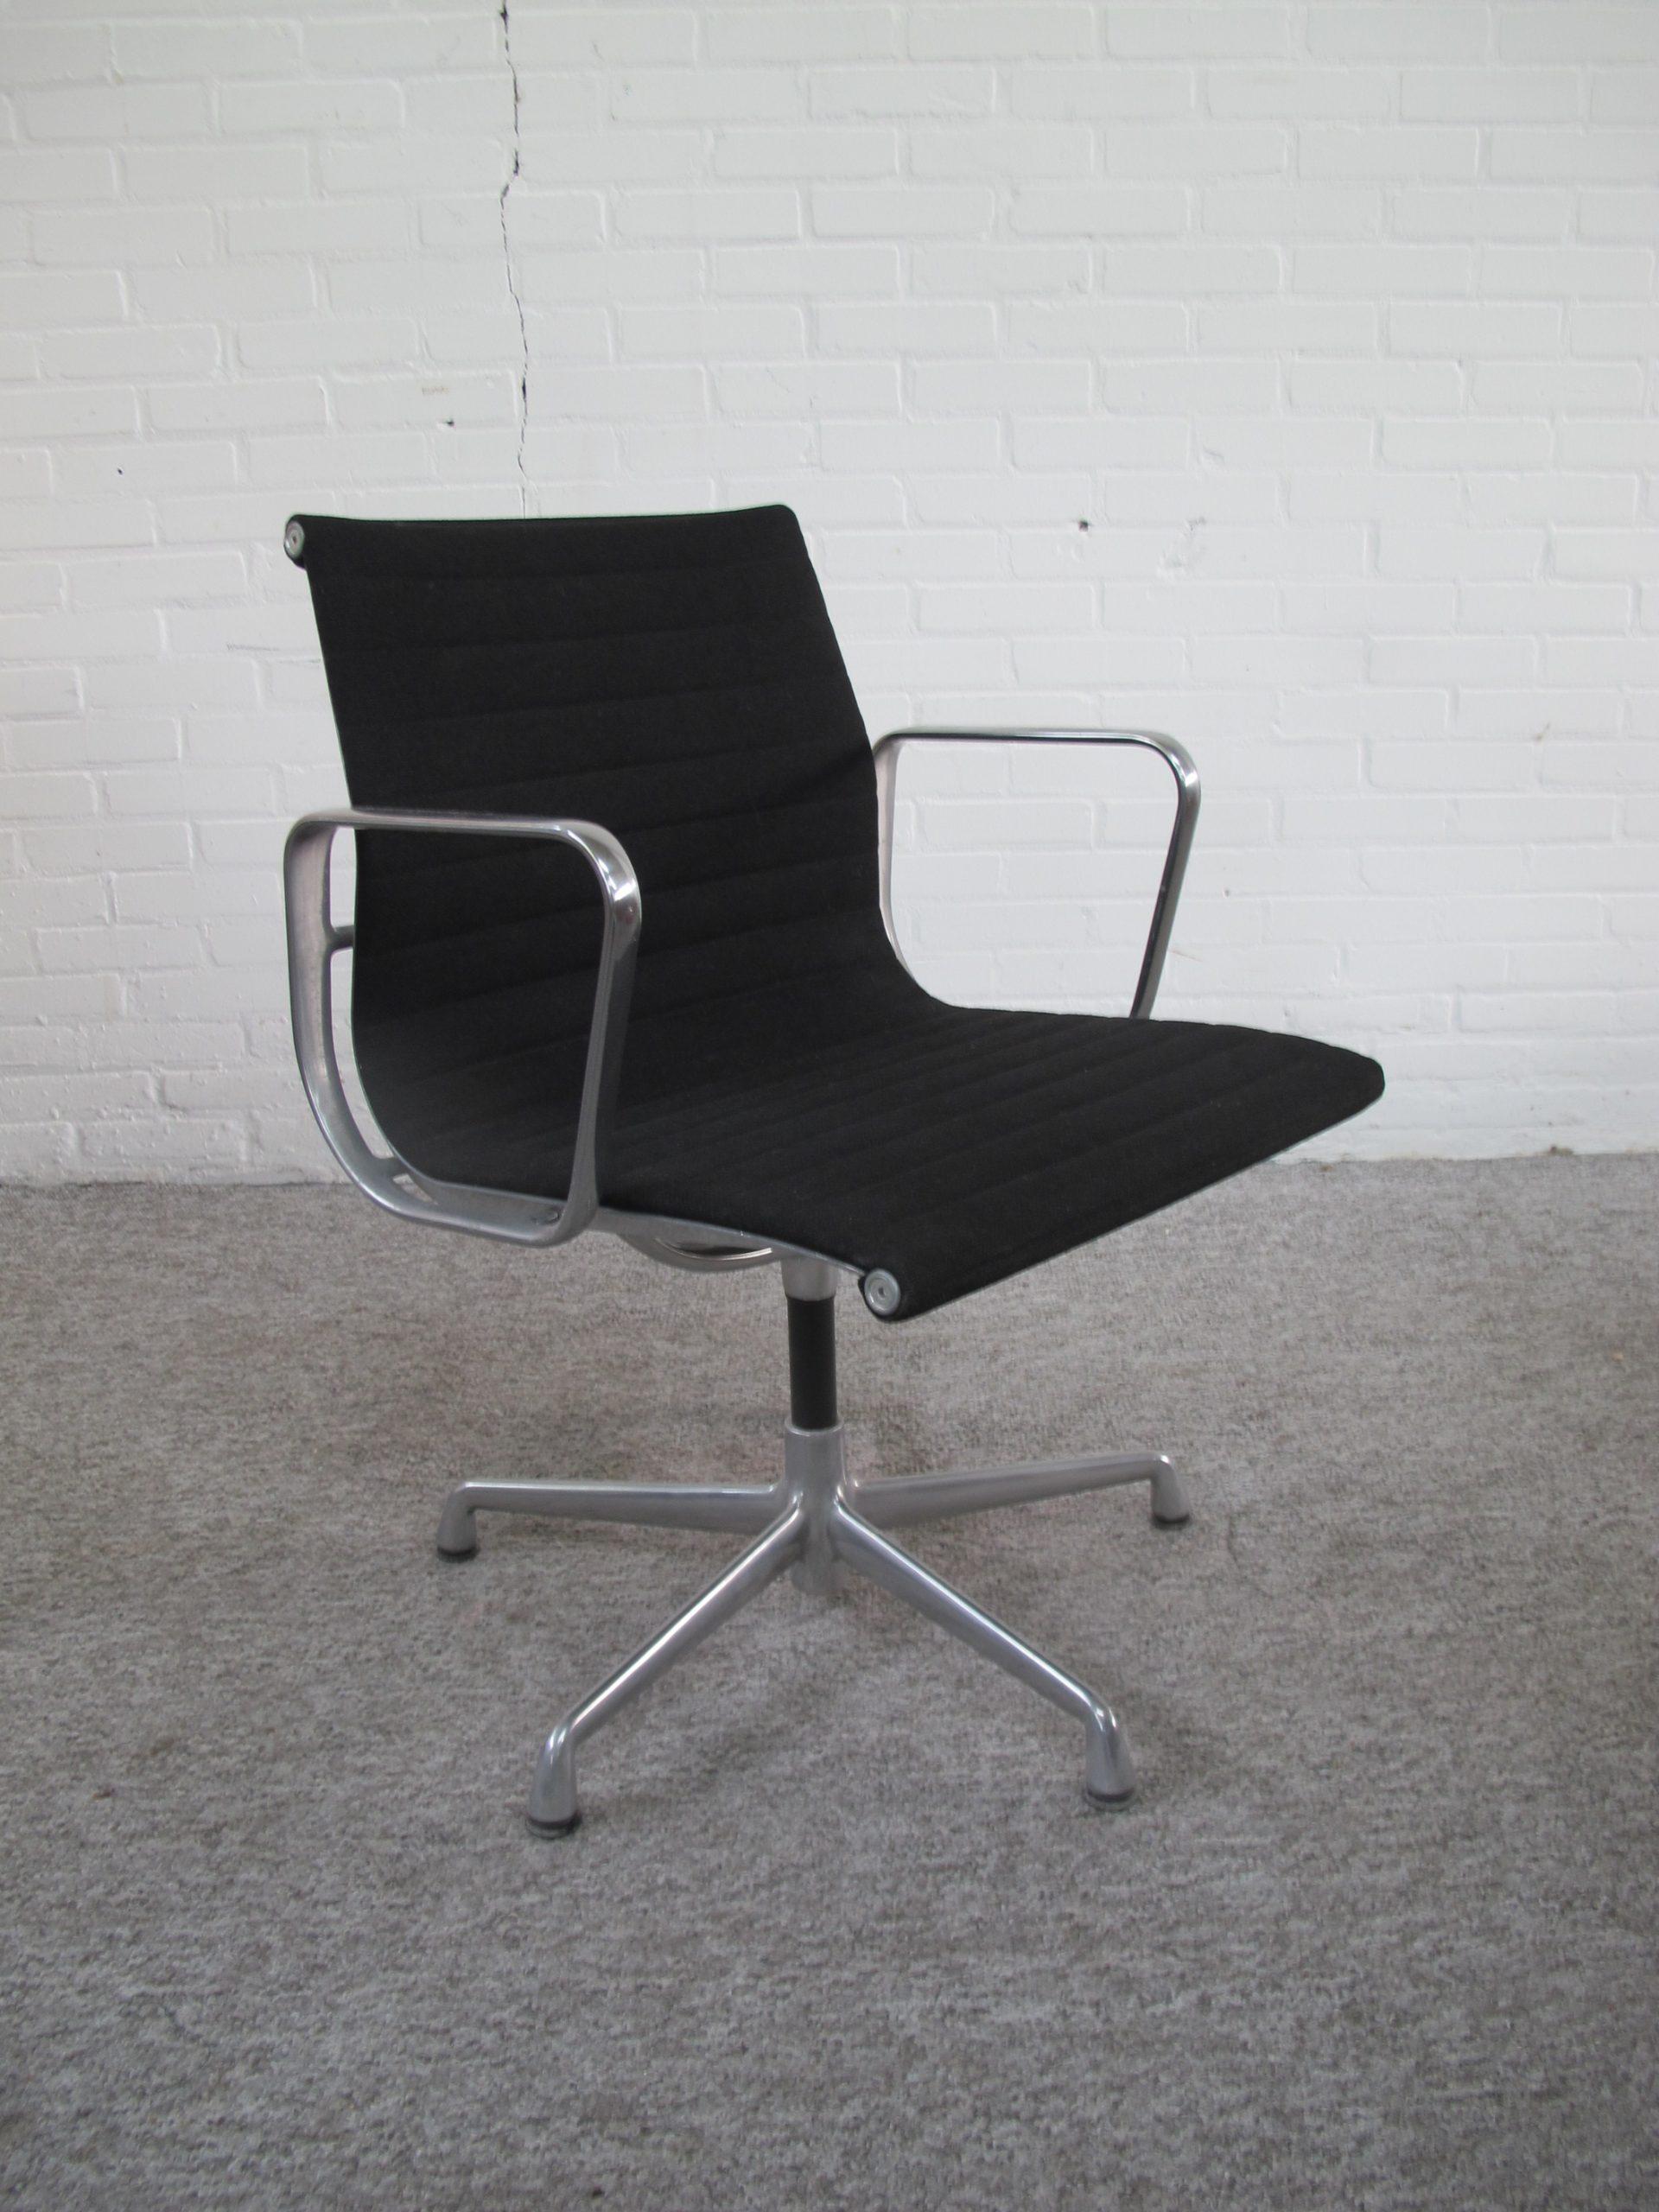 Eames Herman Miller EA 331 bureaustoel vergaderstoel officechair vintage midcentury